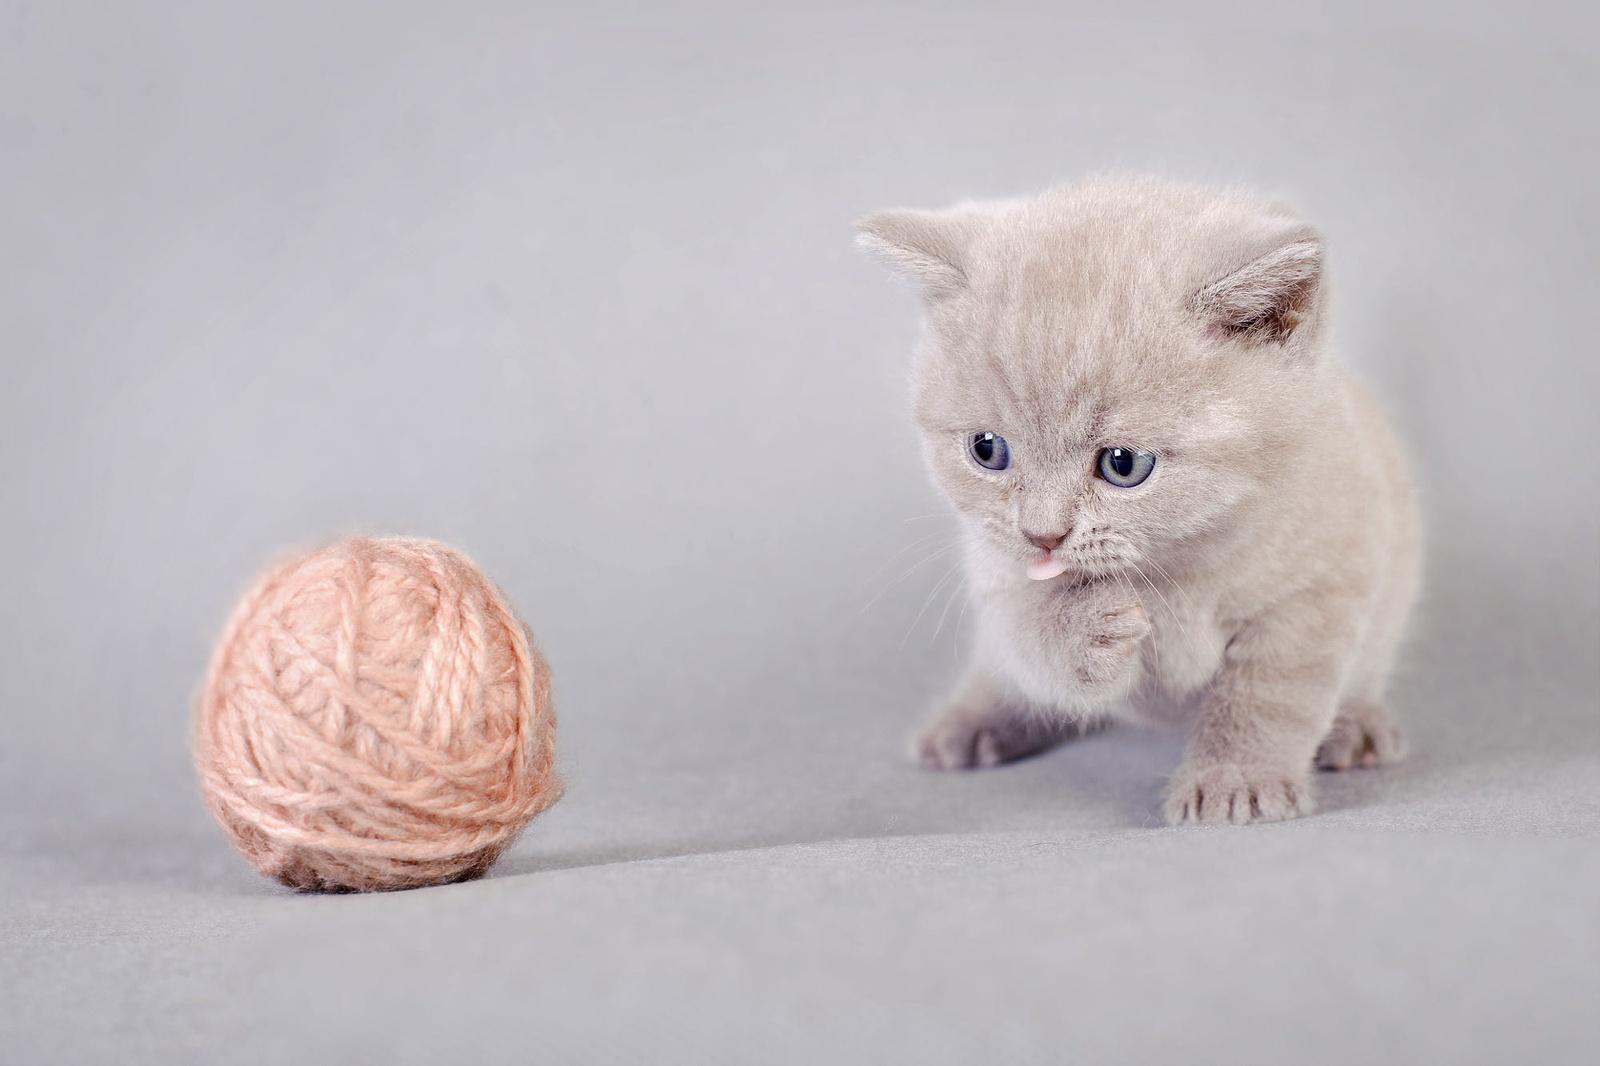 Как казахстанский «любитель» кошек обманул доверчивую пенсионерку из России